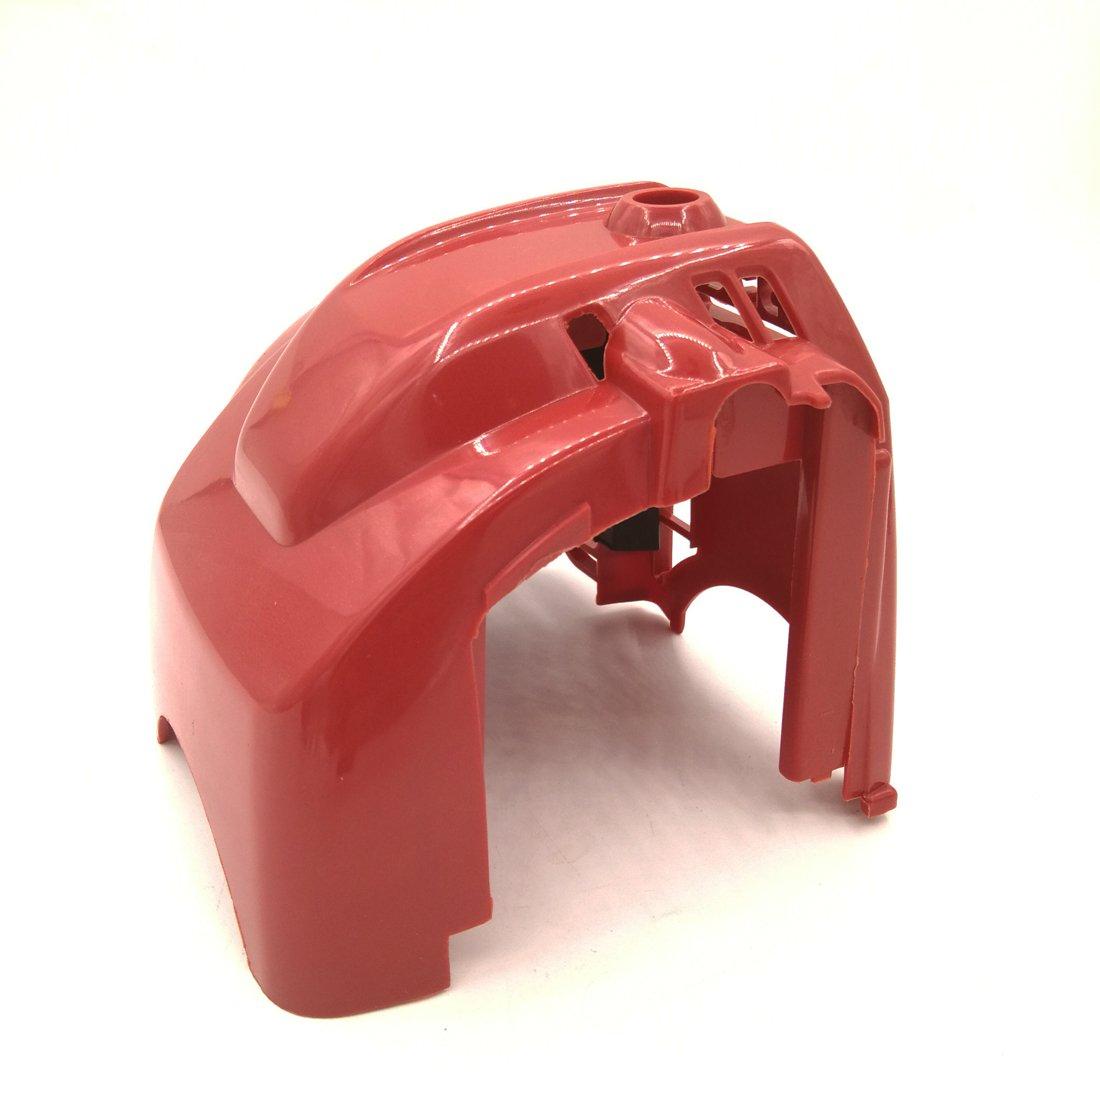 Cancanle Copertura superiore del coperchio del motore del cilindro in plastica per HONDA GX25 GX25N GX25NT Motore del motore a 4 tempi